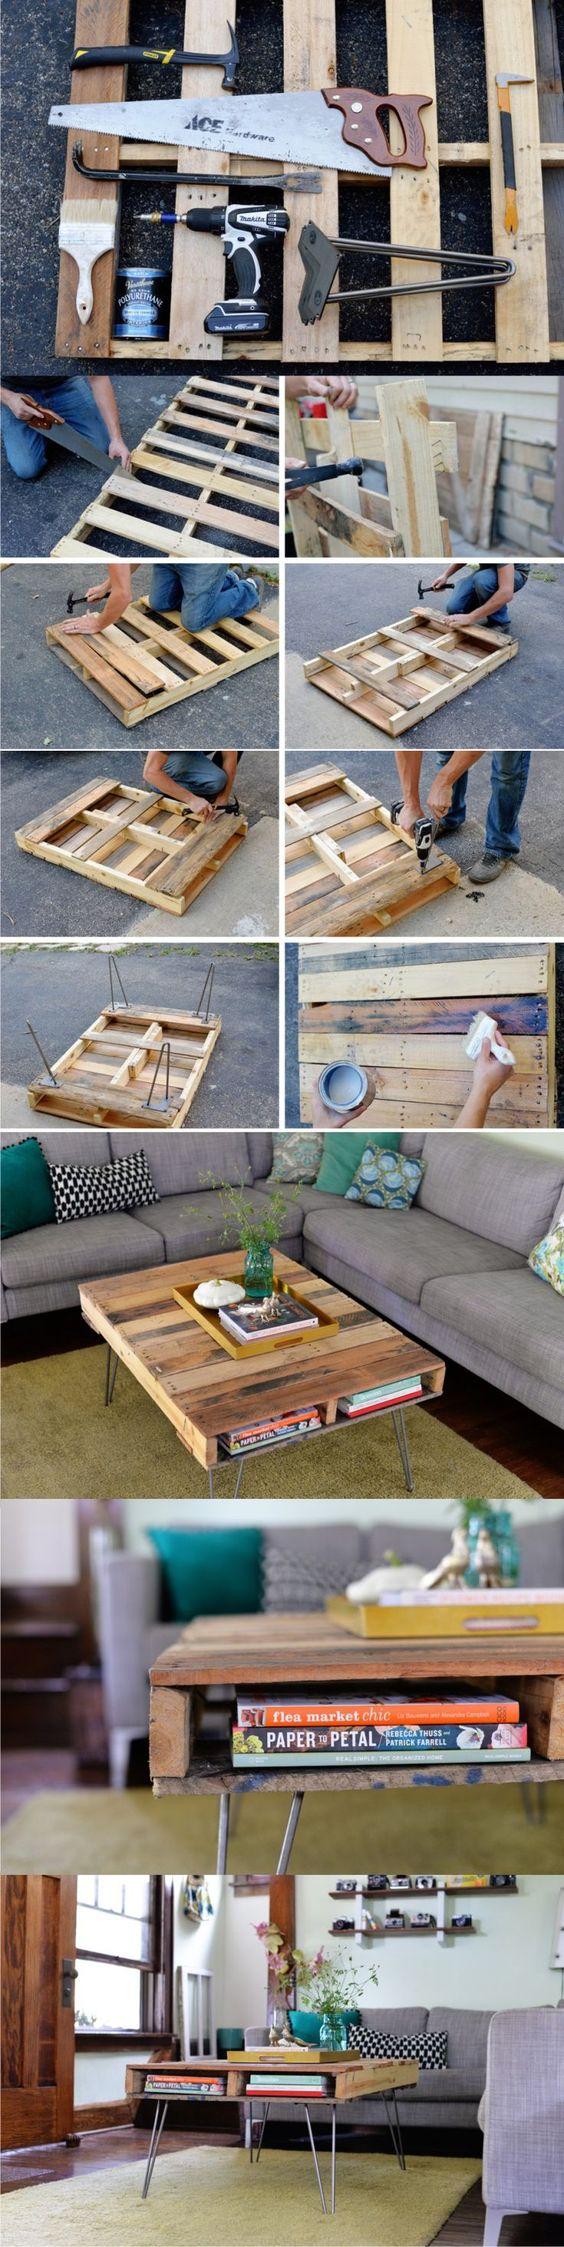 #DIY : transformer une palette en table basse !  http://www.m-habitat.fr/tendances-et-couleurs/tendances-et-nouveautes/transformer-une-palette-en-meuble-de-rangement-3186_A